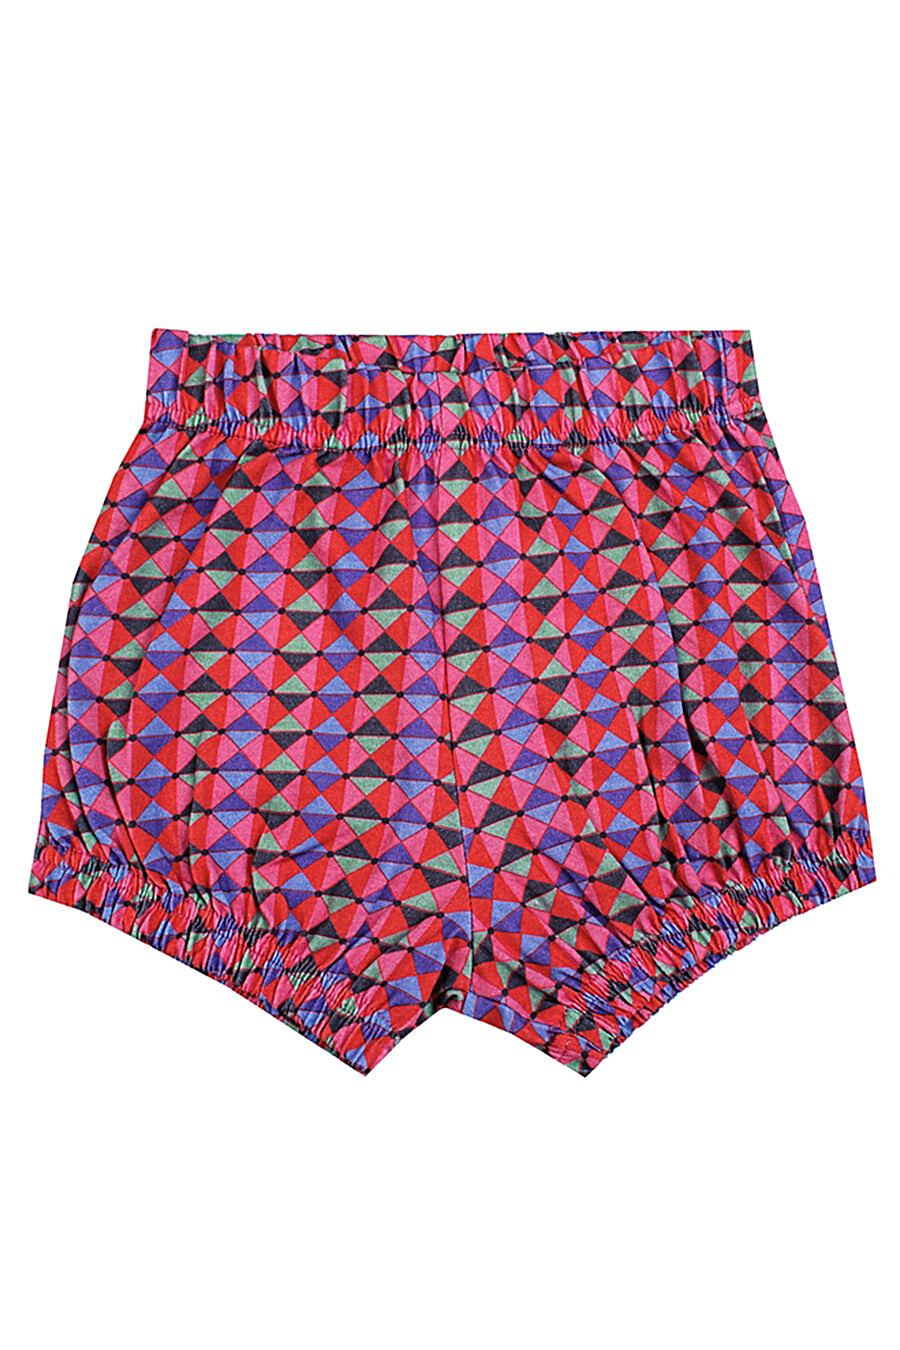 Трусы для девочек Archi 131575 купить оптом от производителя. Совместная покупка детской одежды в OptMoyo